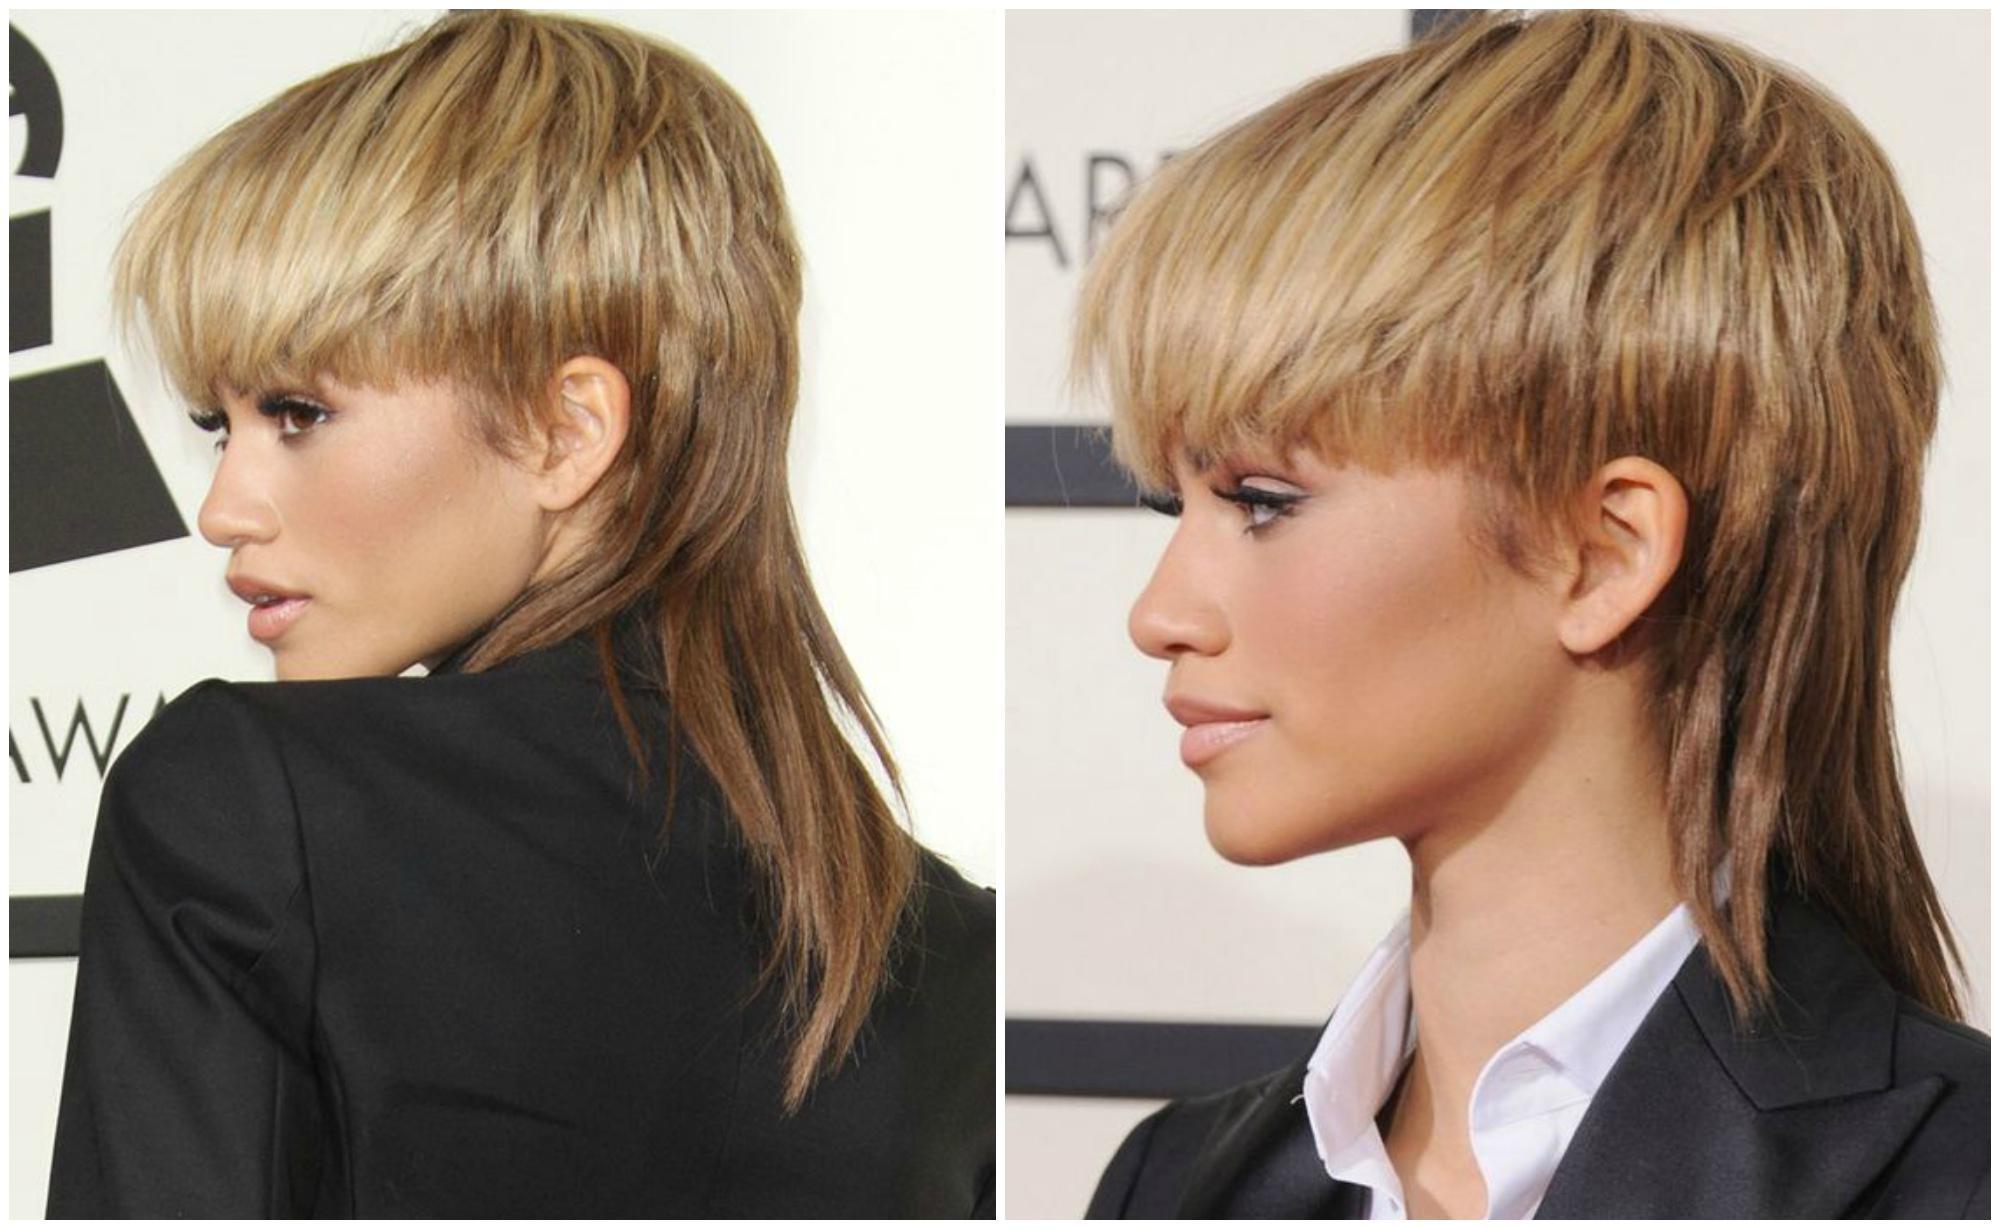 image56-1 | Модные женские стрижки на короткие волосы: основные правила и варианты исполнения